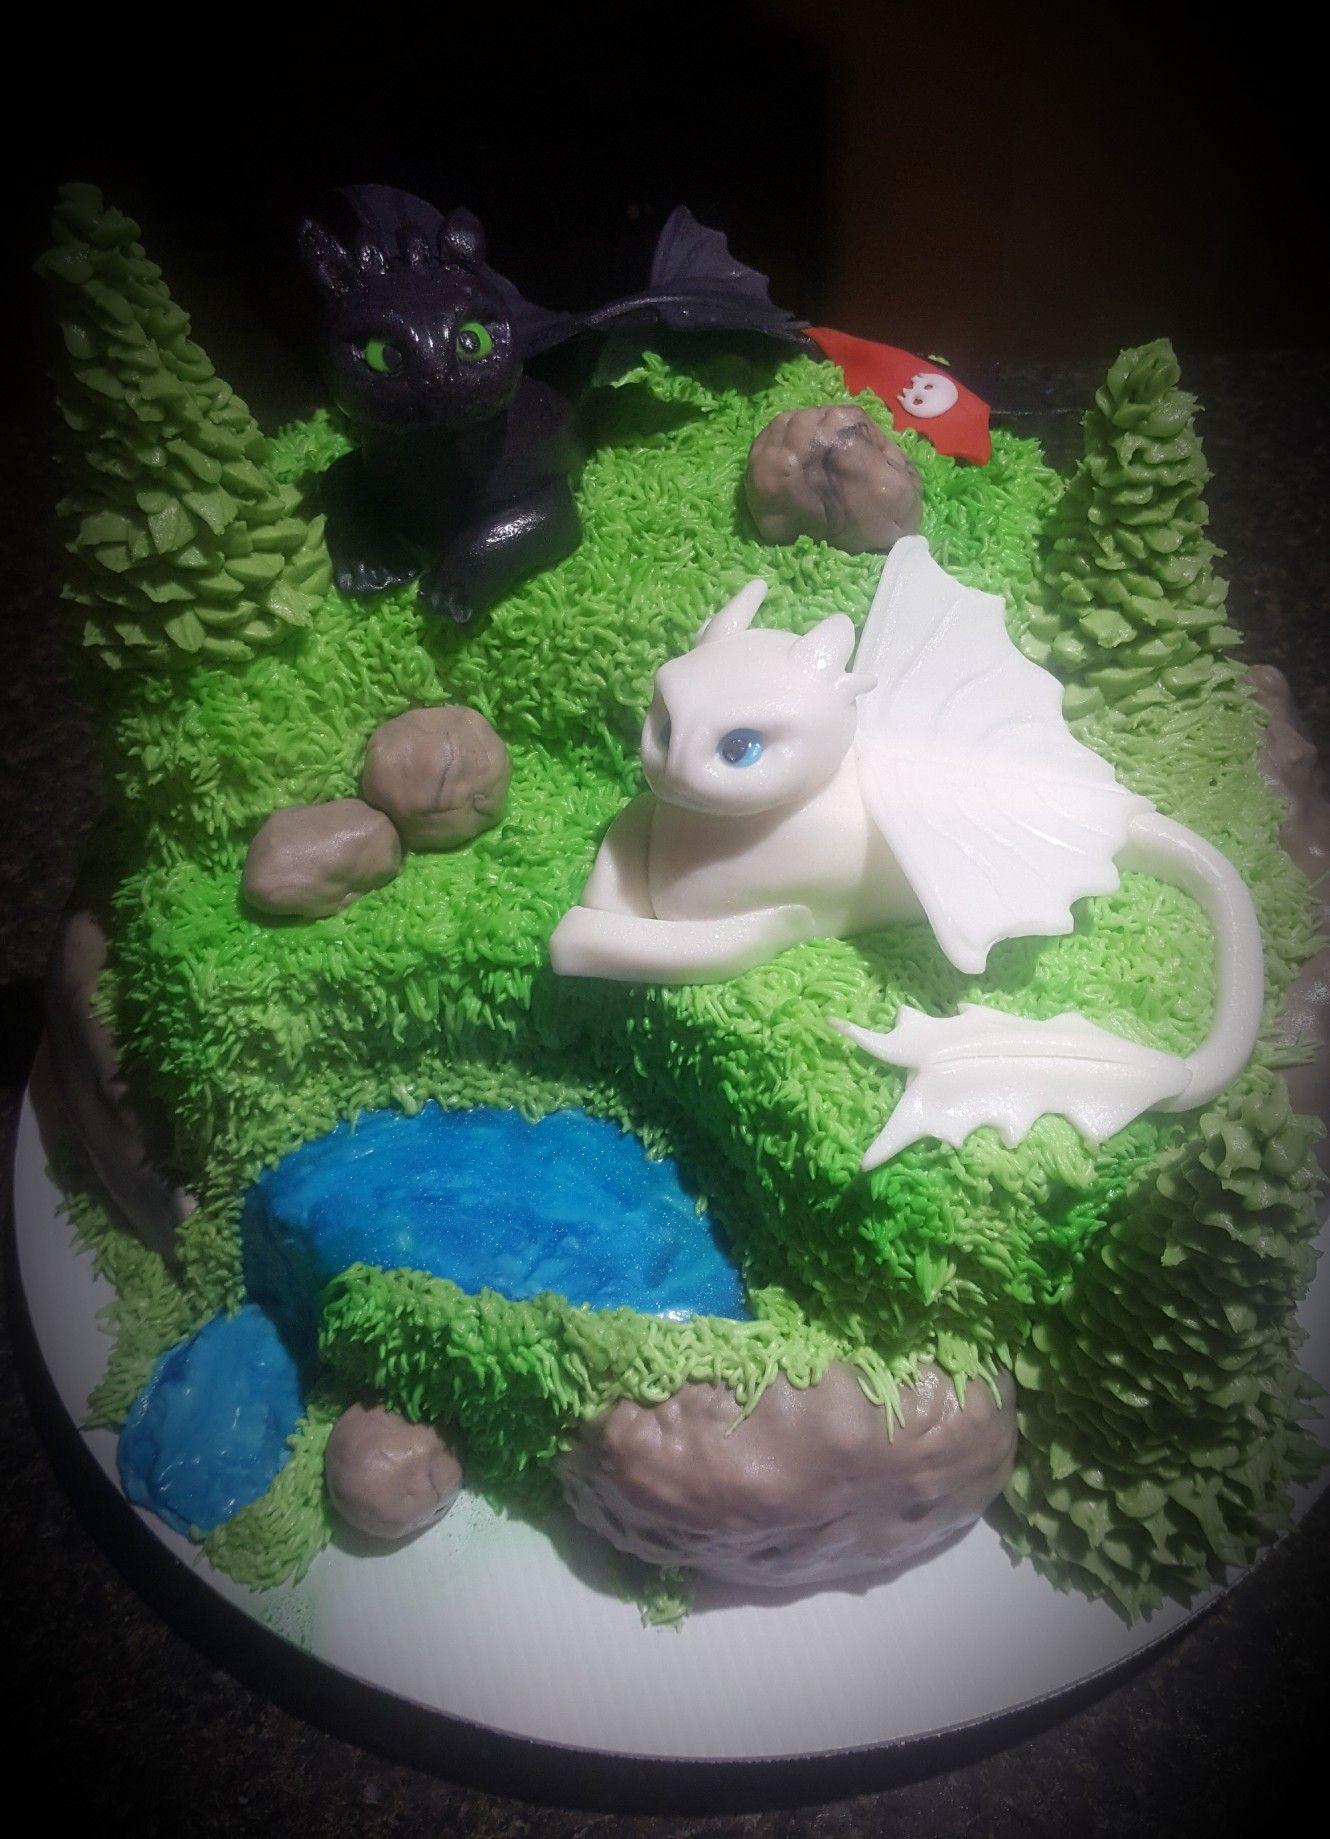 How To Train Your Dragon 3 Cake Dragon Birthday Cakes Dragon